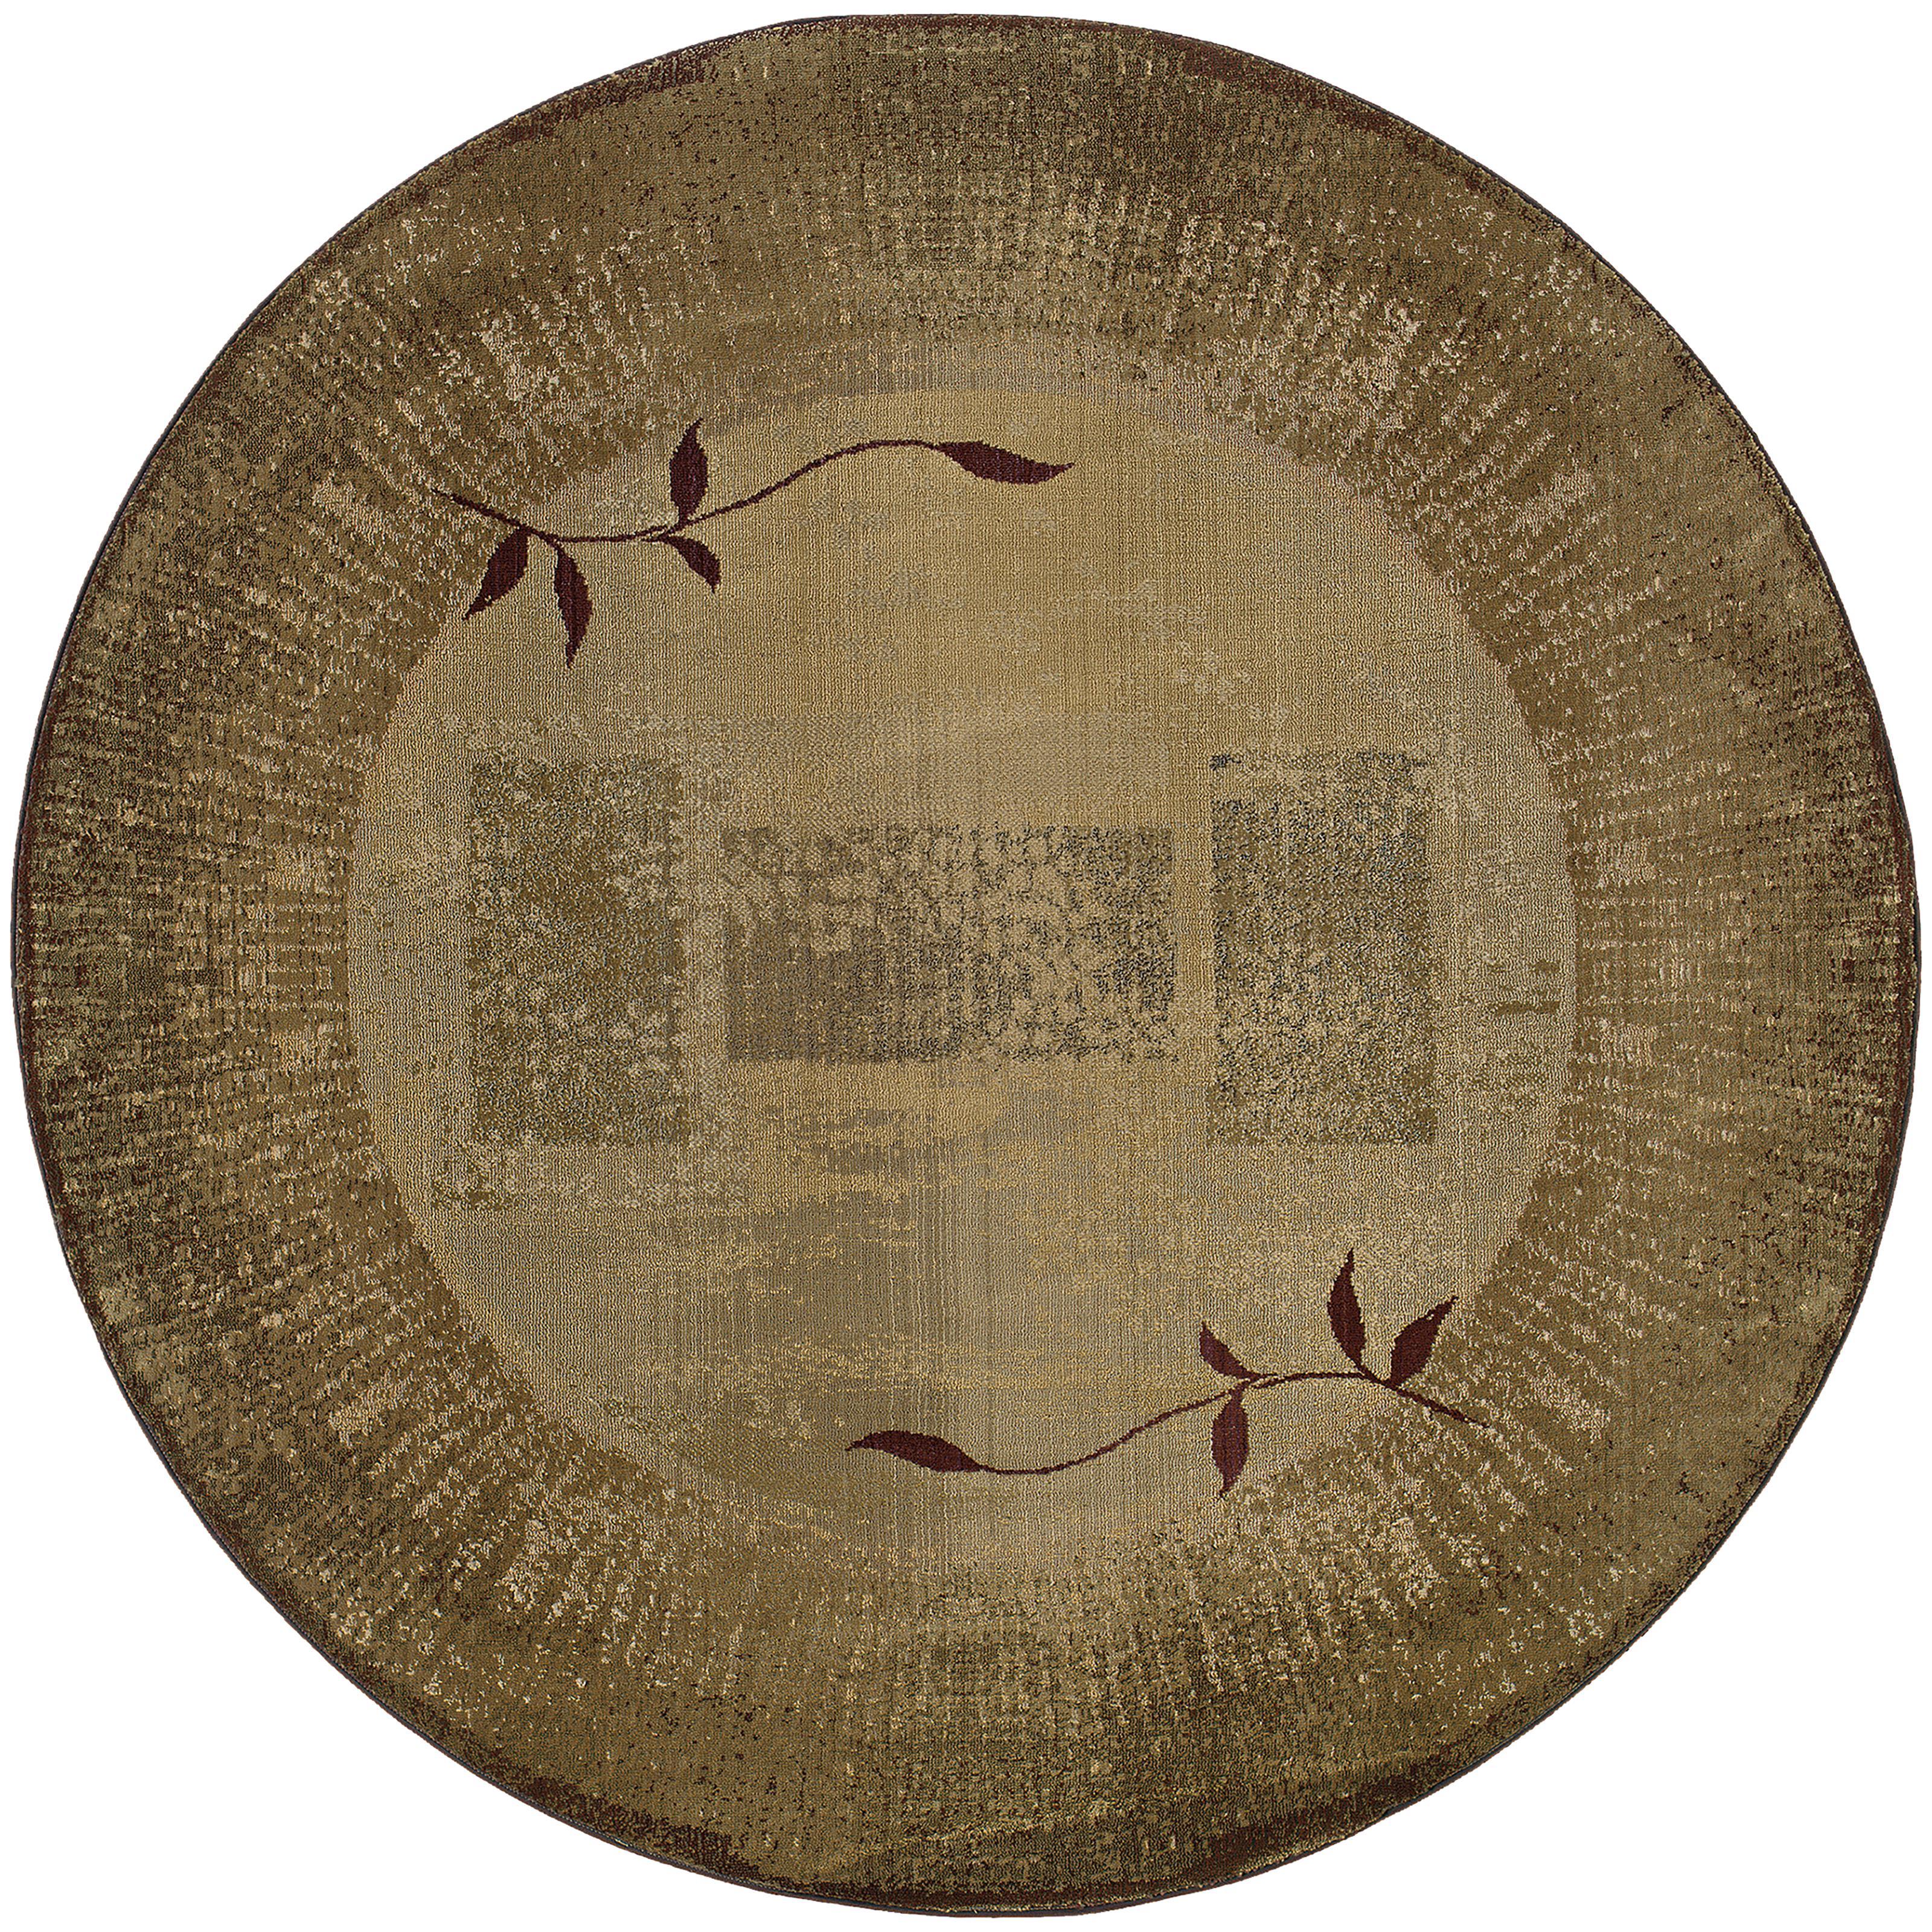 Oriental Weavers Generations 6' Rug - Item Number: G544G1180180ST